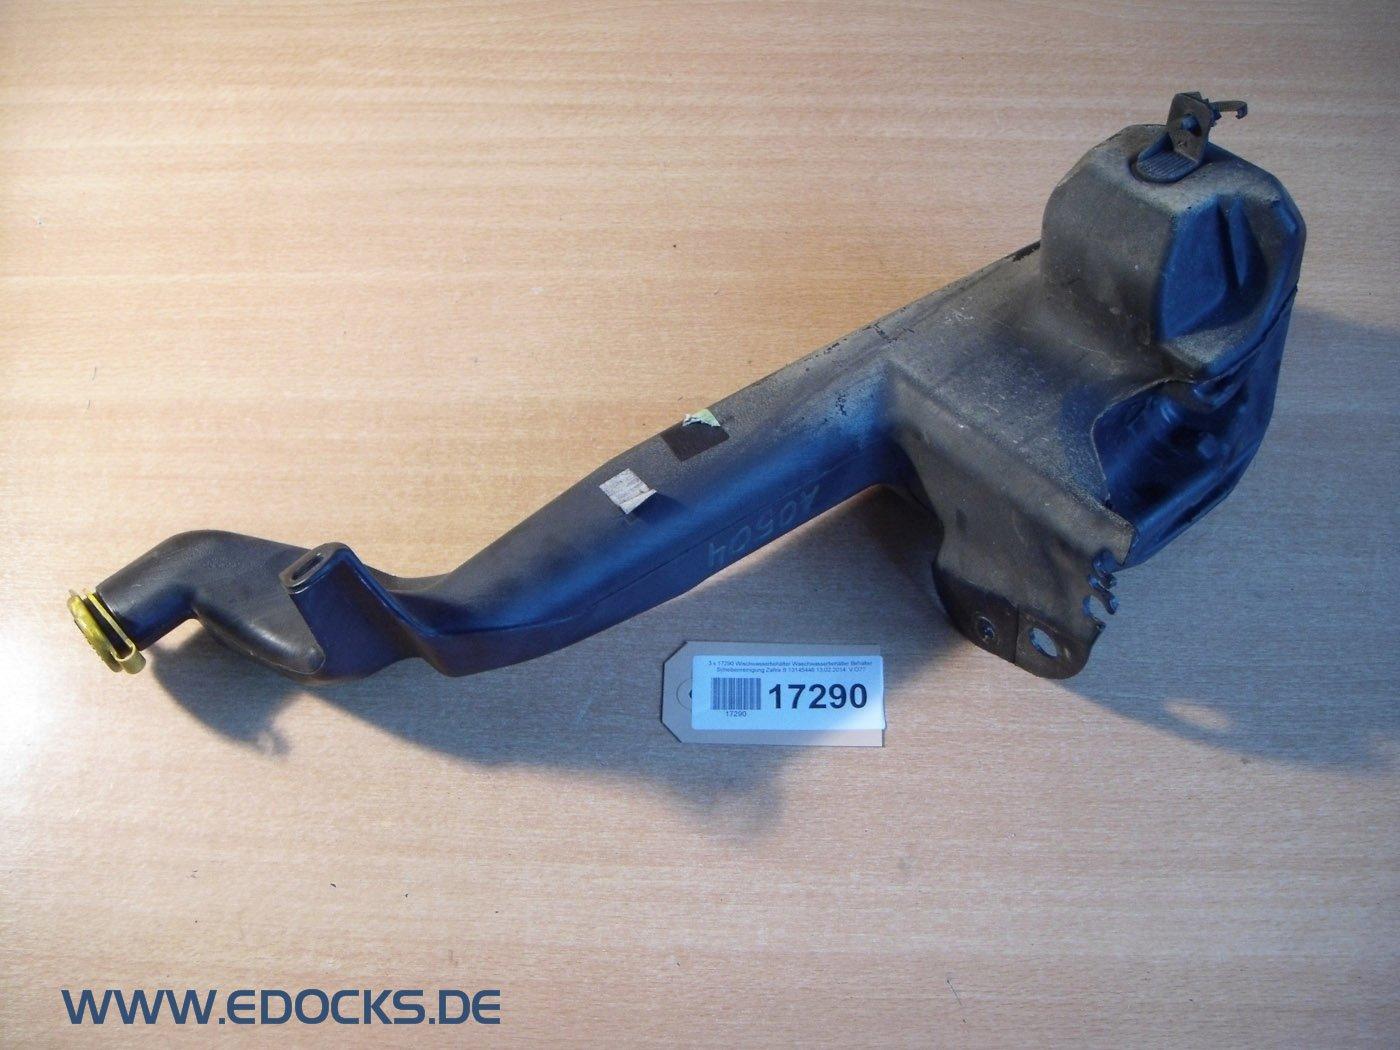 NEU Sensor für Wischwasser B Behälter für Astra F Astra G Astra H Zafira A